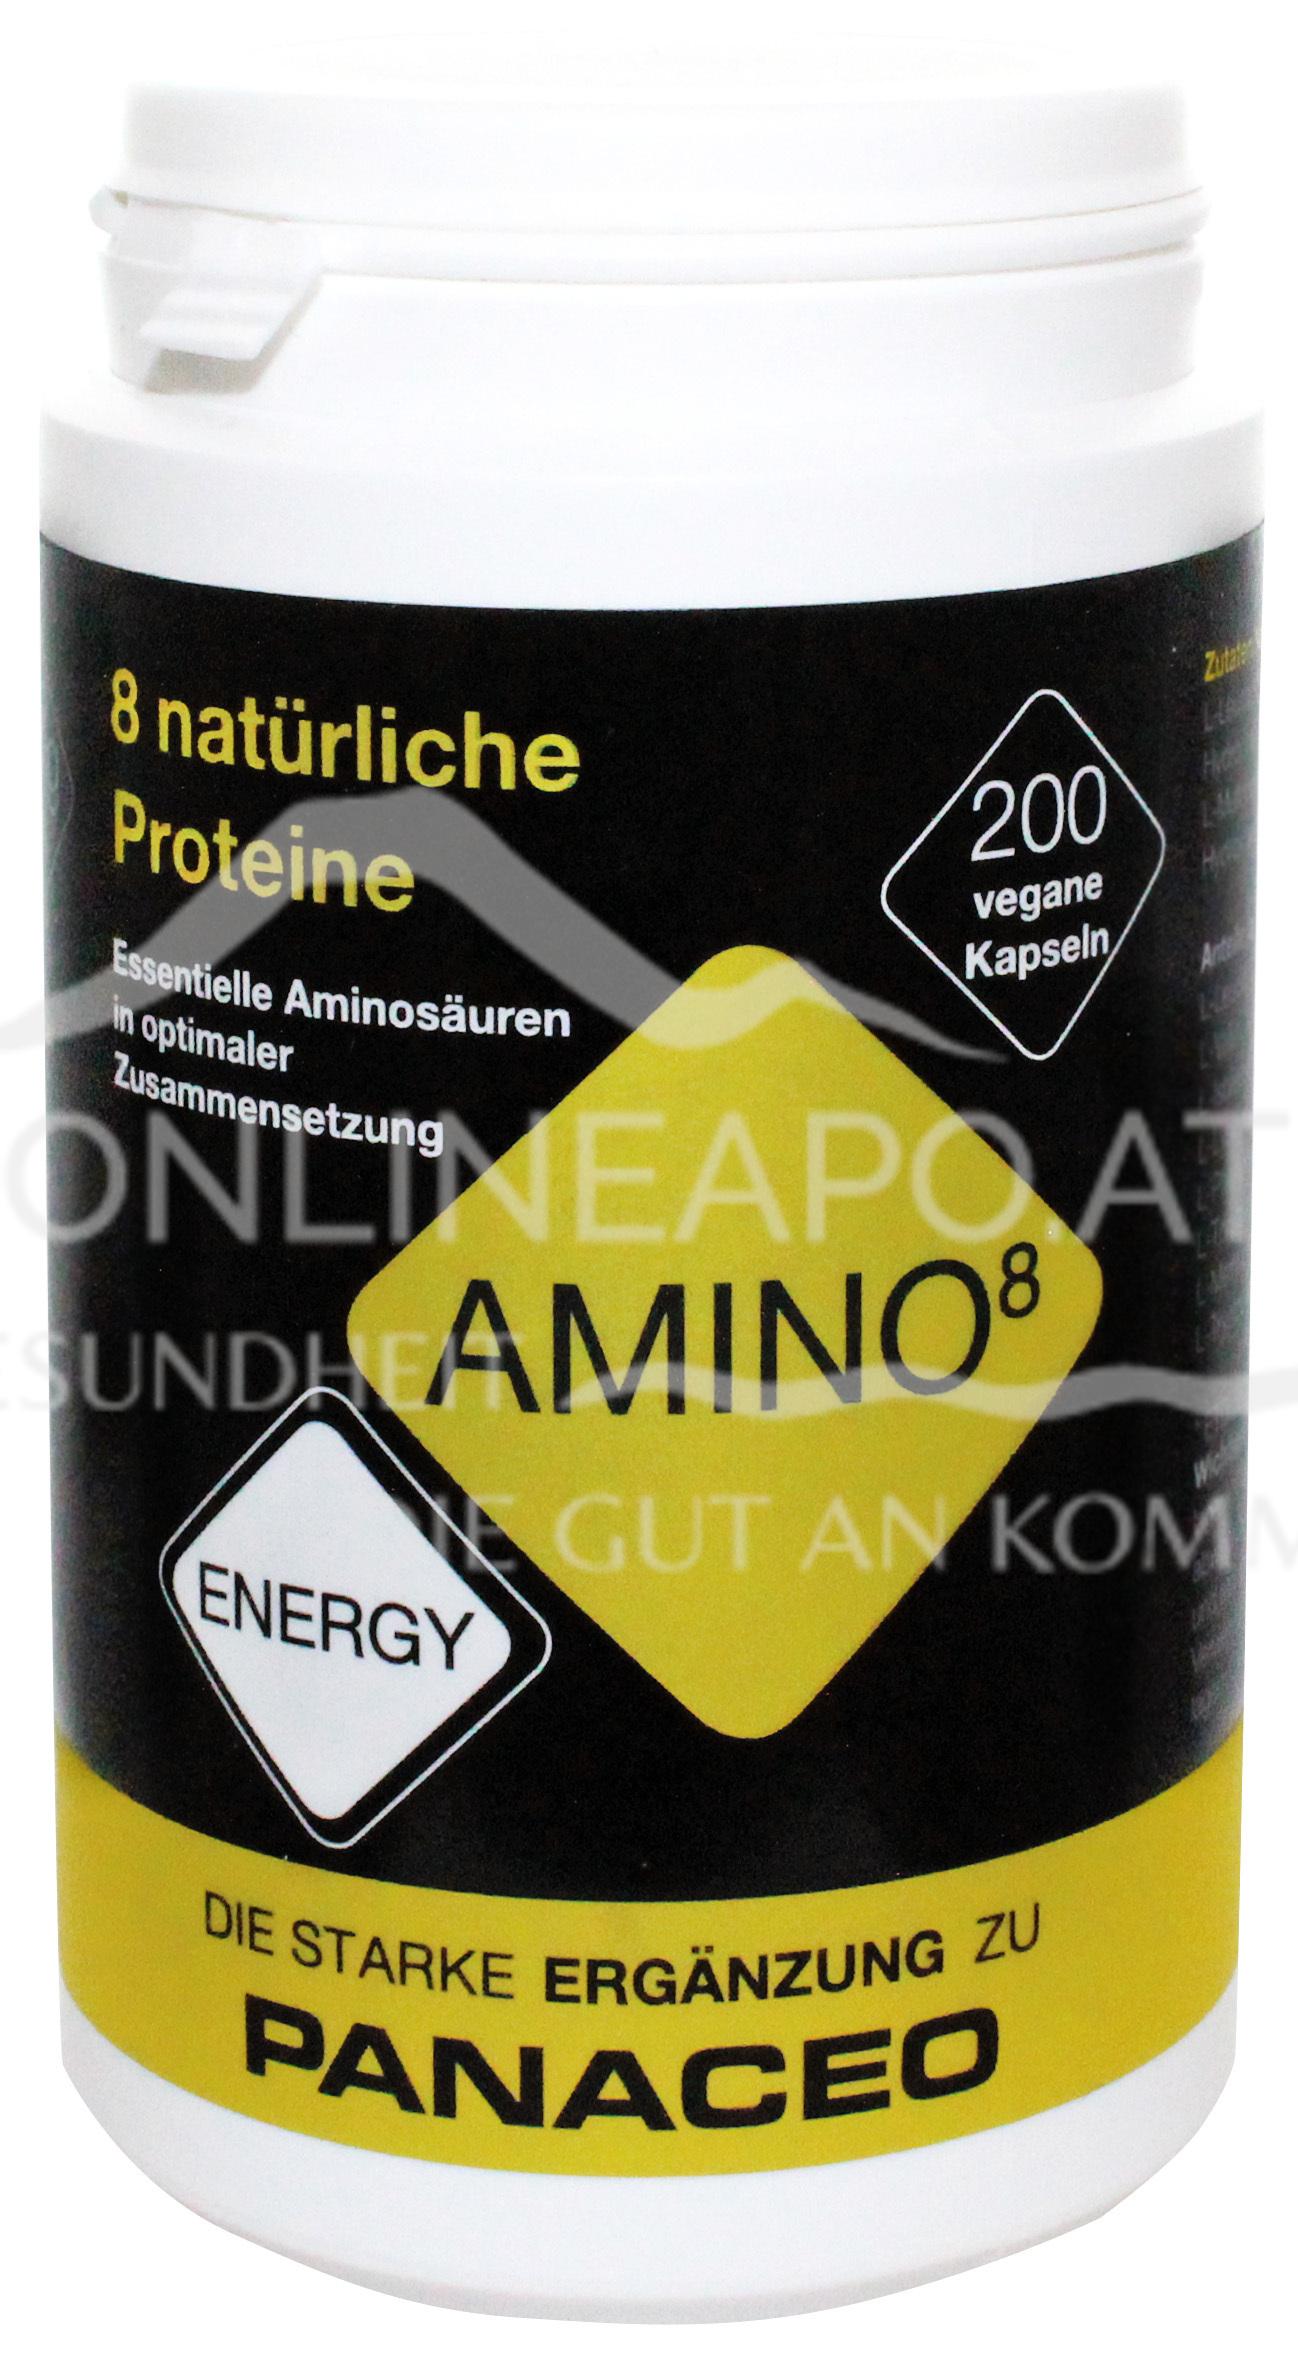 PANACEO ENERGY AMINO8